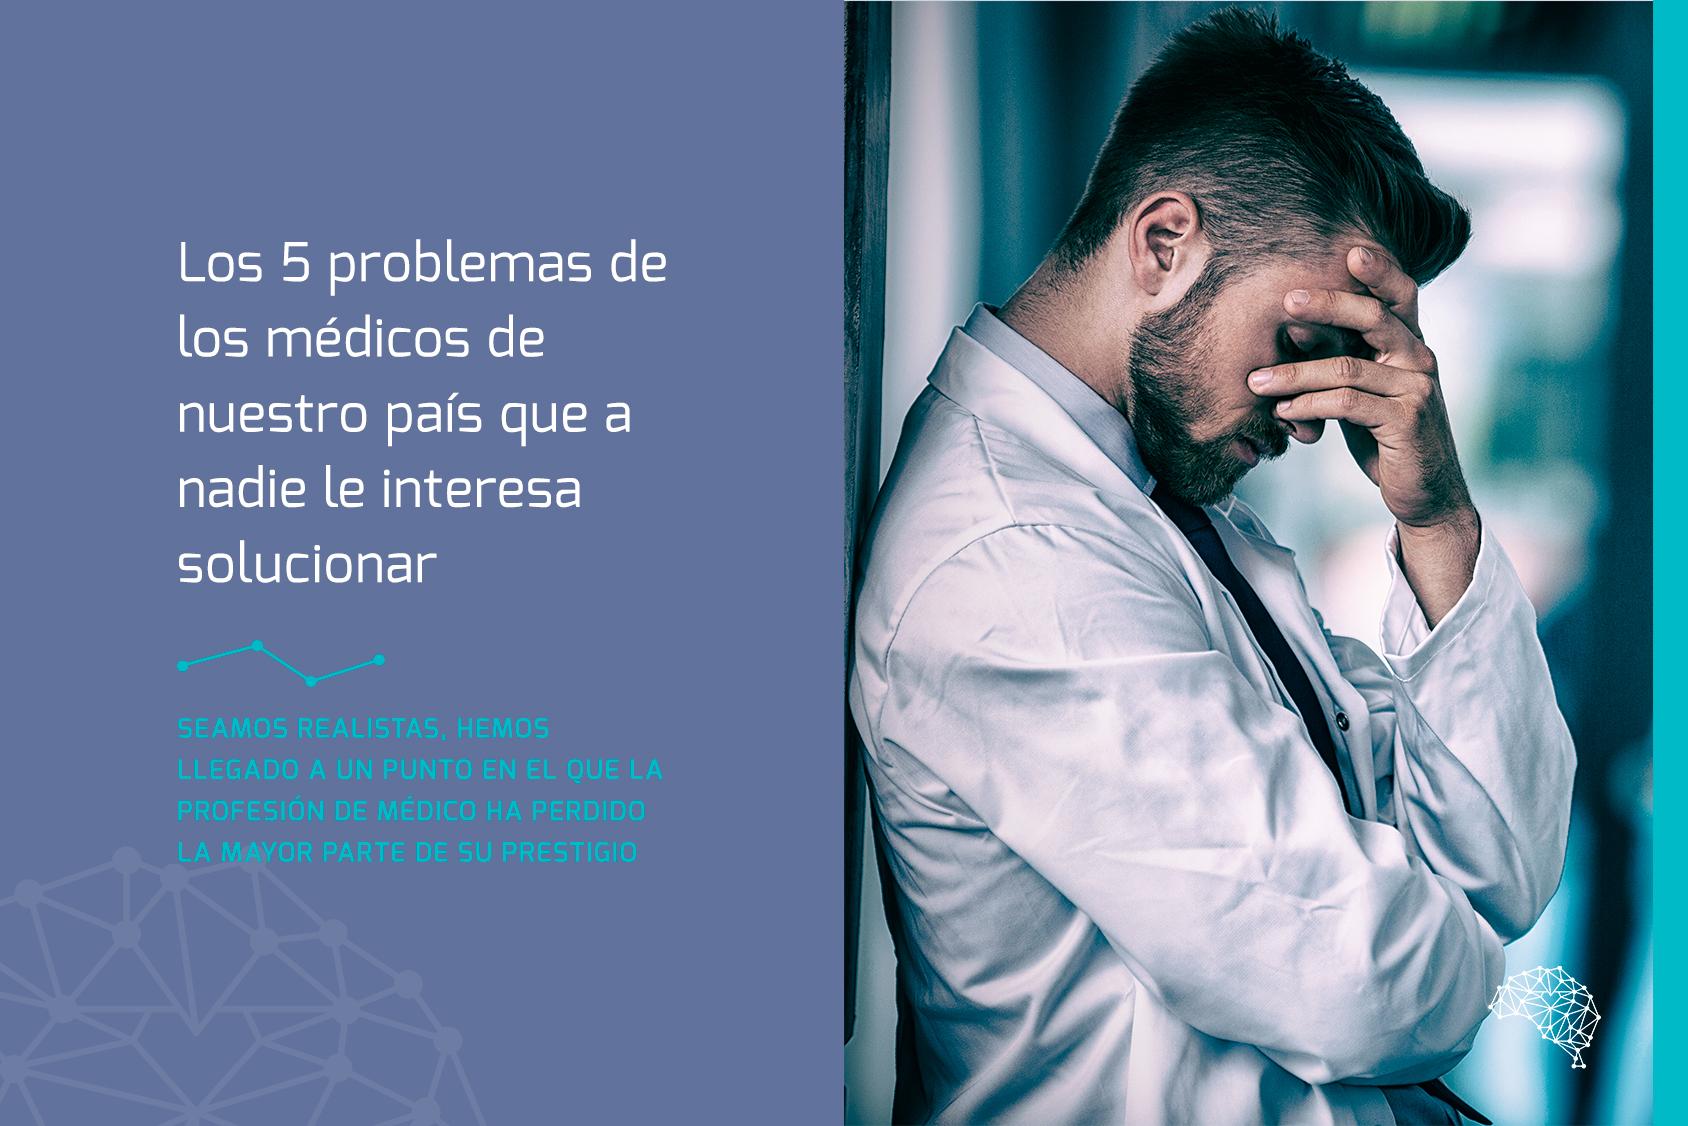 Los problemas de los médicos